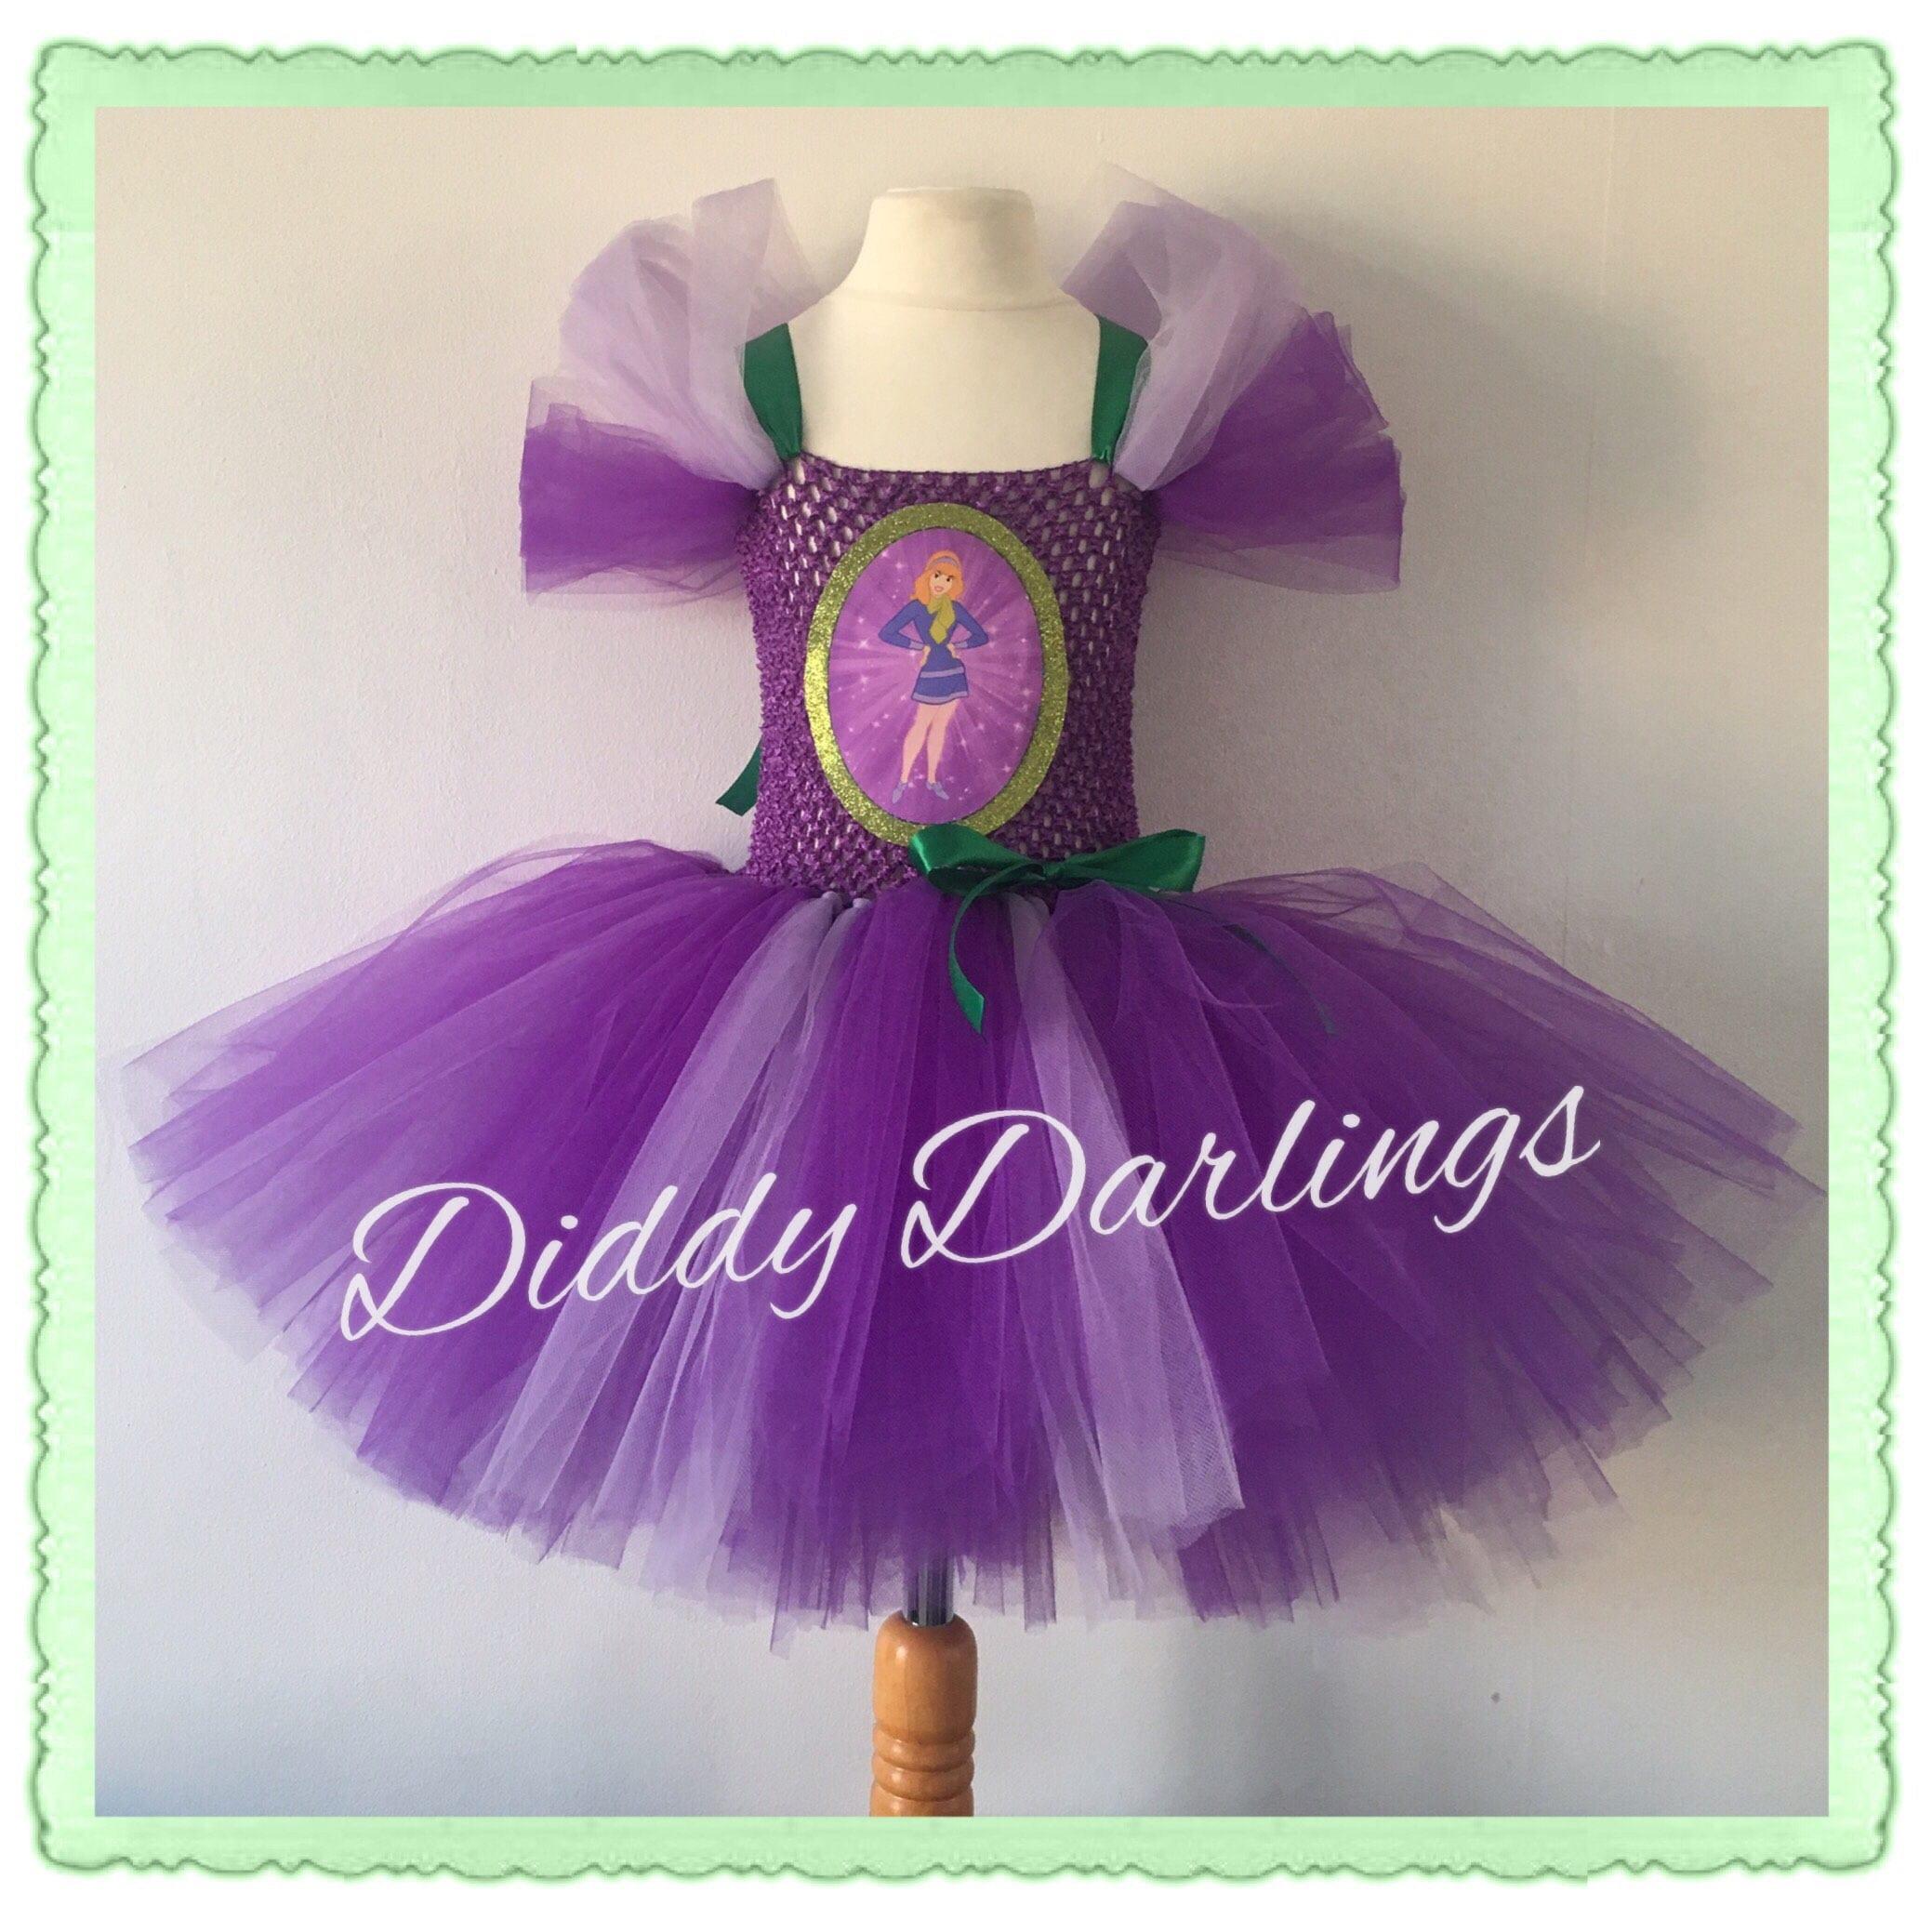 Vestido de Scooby Doo. Vestido de Daphne. Inspiración vestido